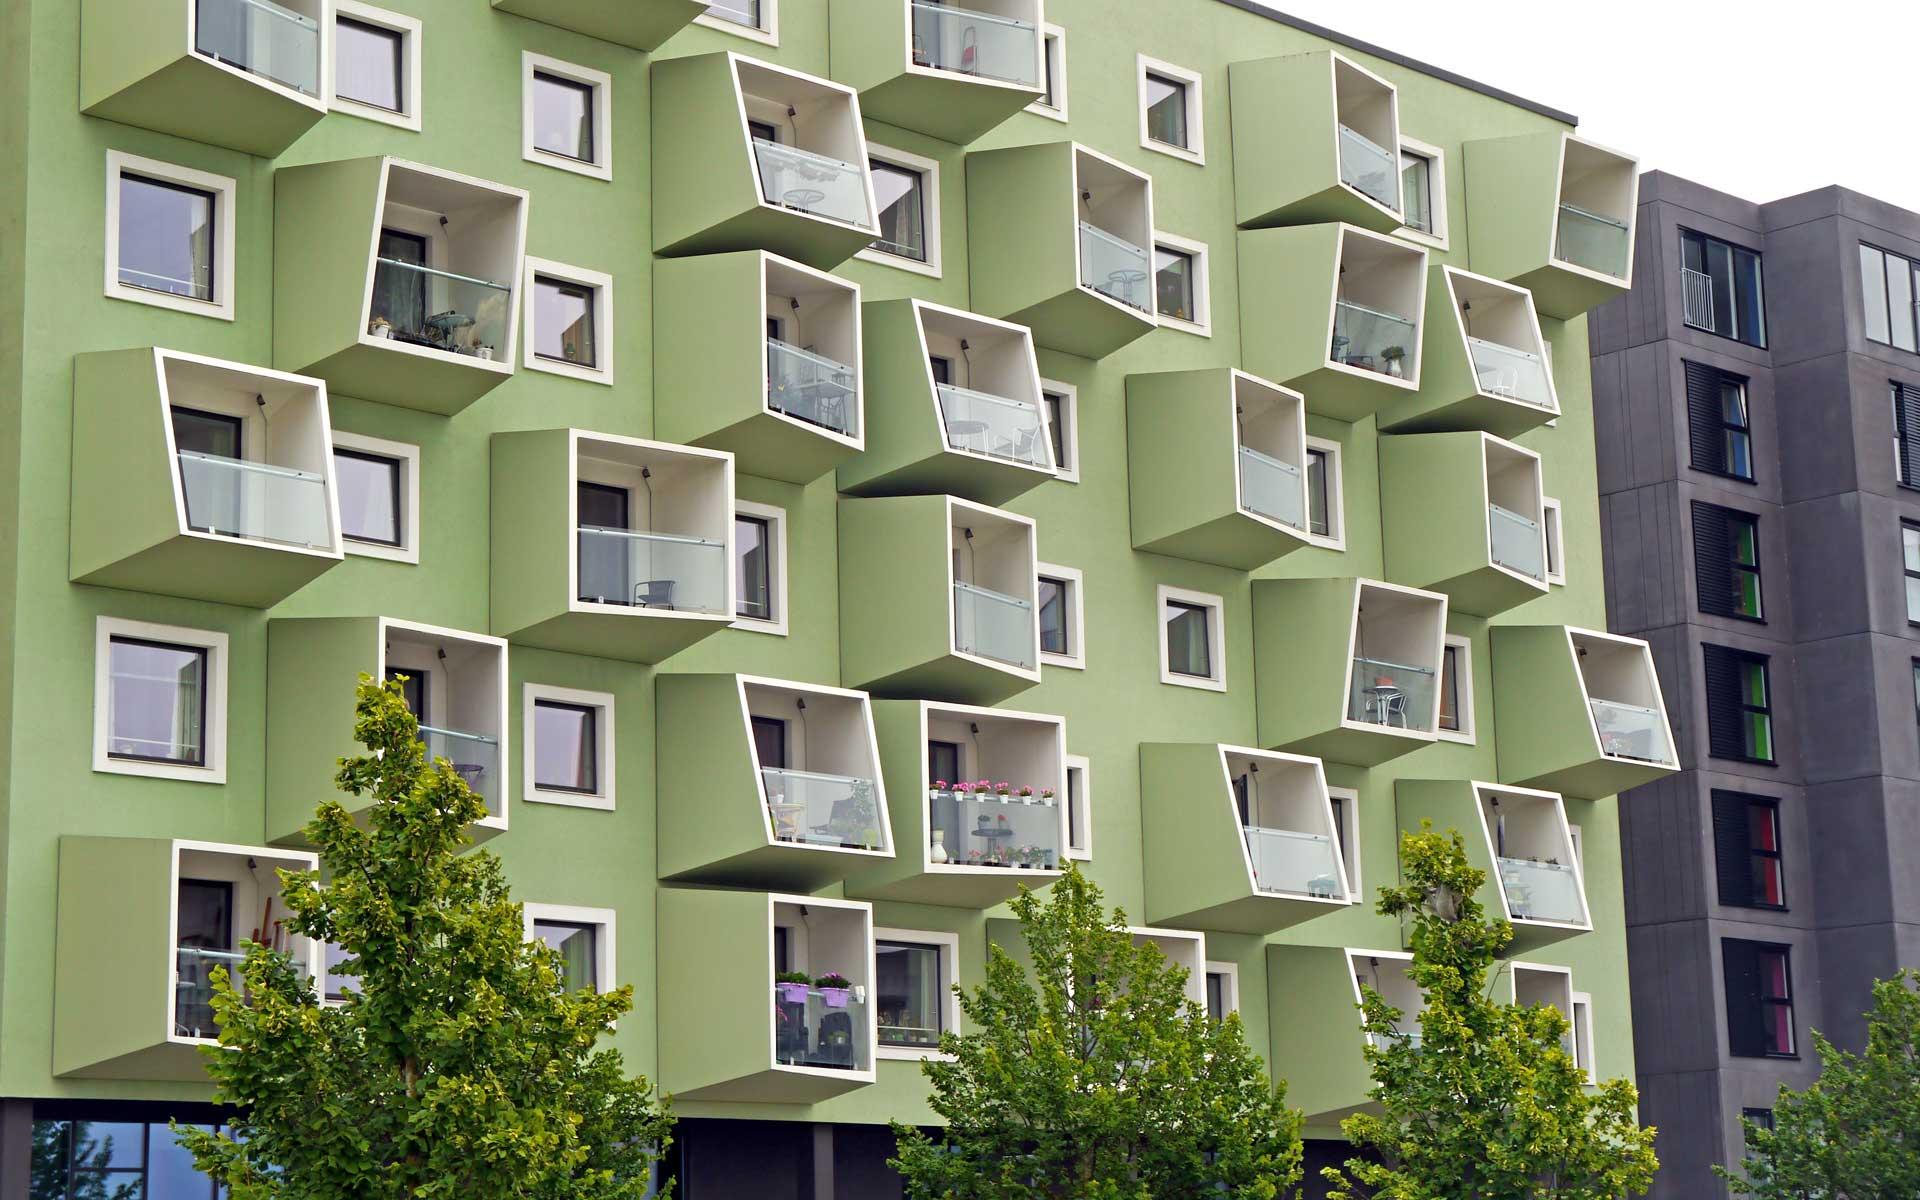 Ørestad auf der Insel Amager ist das jüngste Stadtviertel der dänischen Kommune Kopenhagen